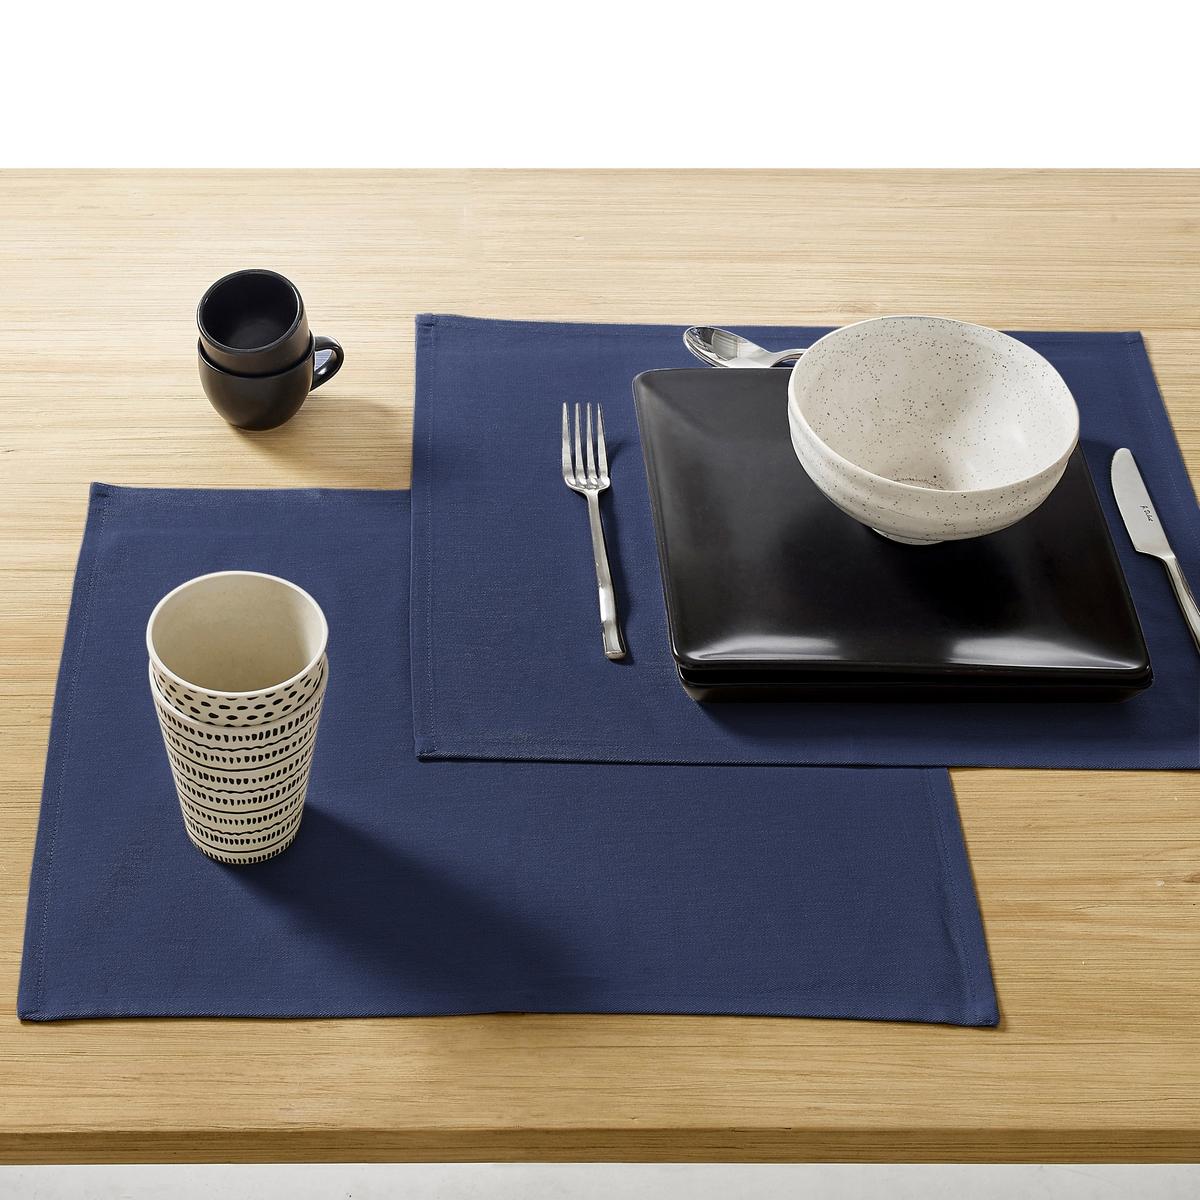 Комплект из подставок под La Redoute Приборы с обработкой против пятен единый размер синий подложка la redoute под столовые приборы tiebele шт единый размер белый